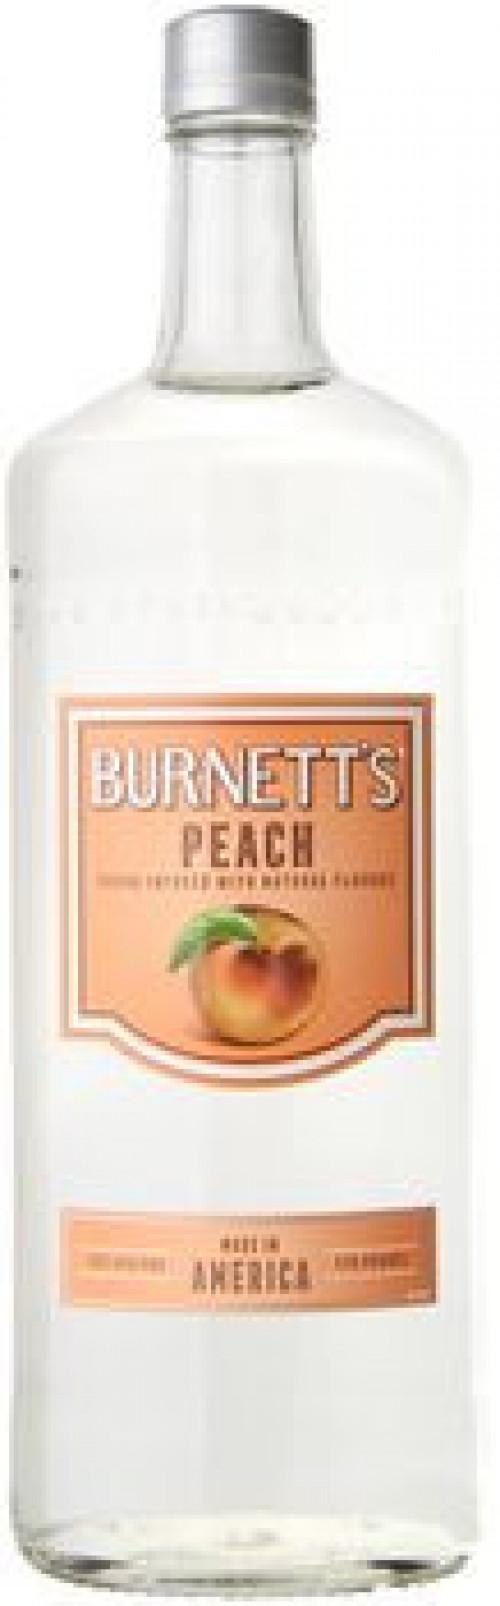 Burnett's Peach Flavored Vodka 1L